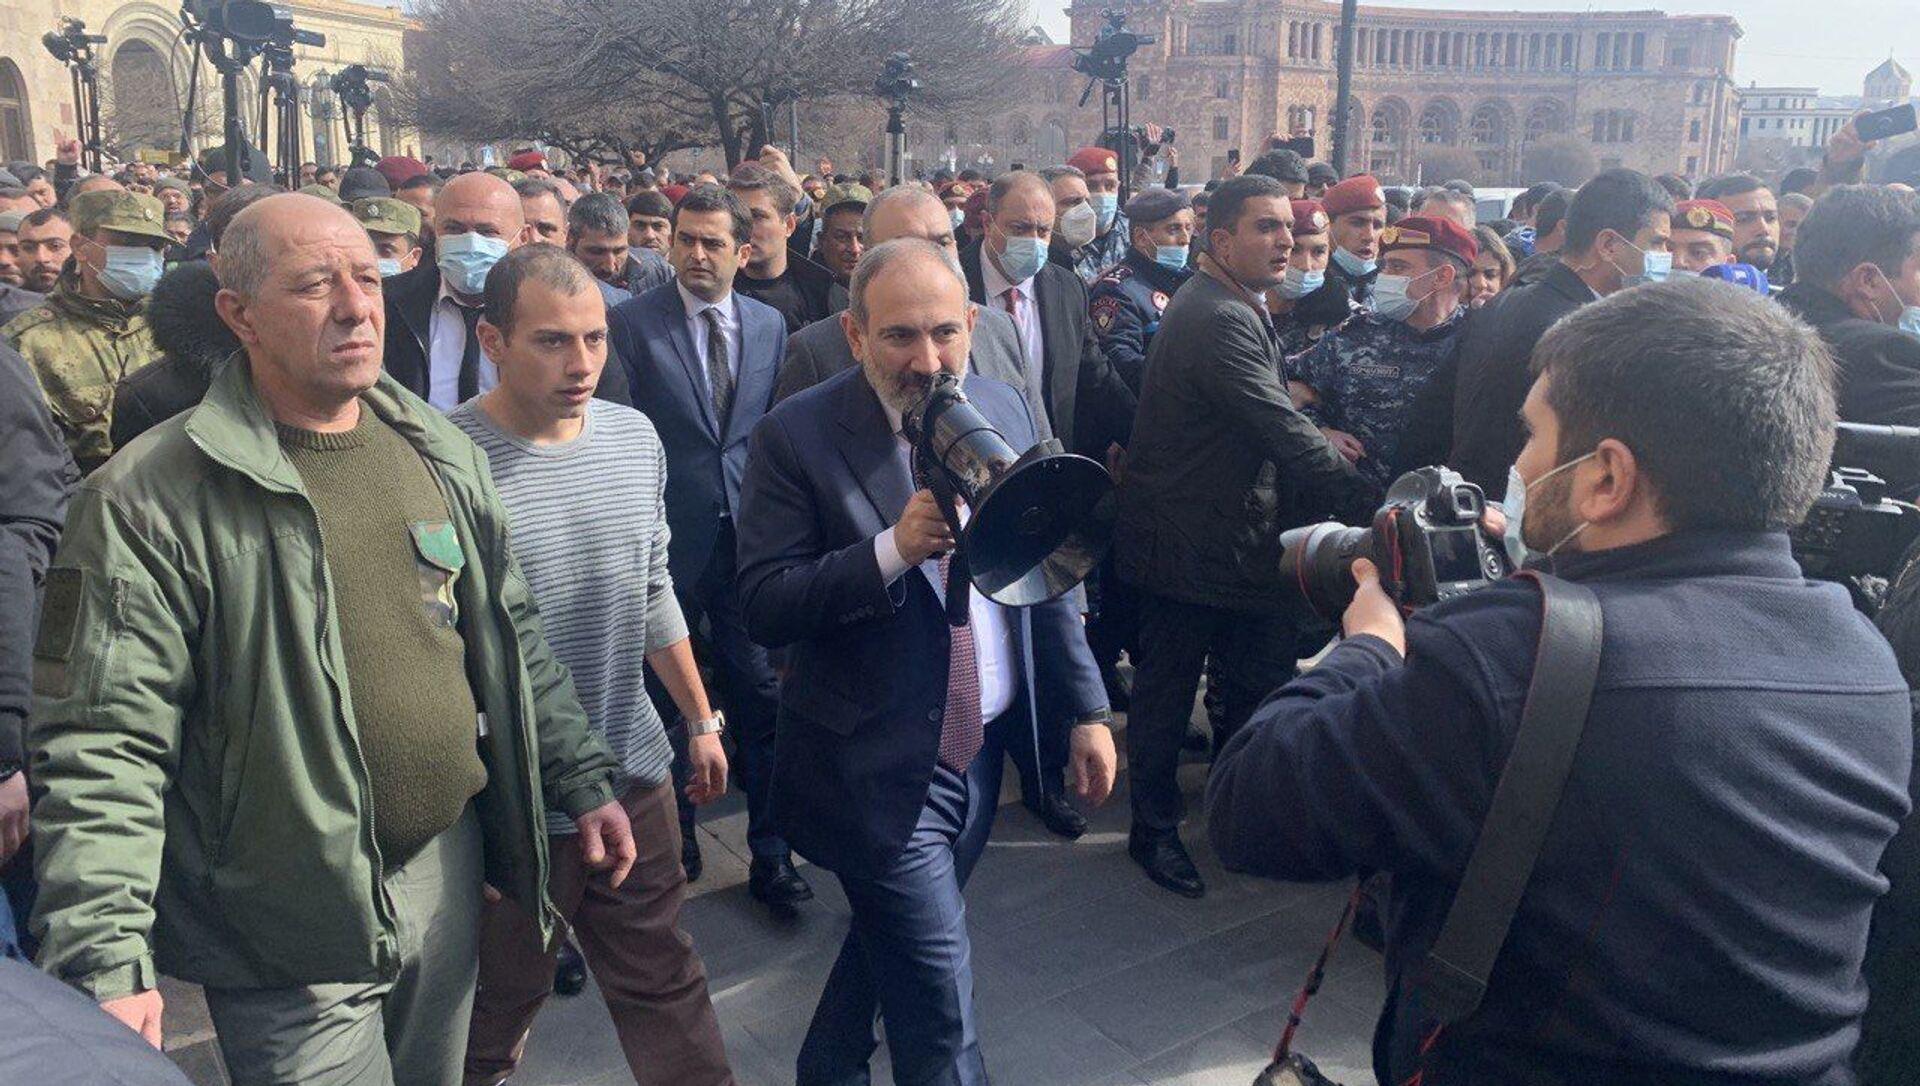 Premier Armenii NIkola Paszinian na ulicy Erywania - Sputnik Polska, 1920, 11.03.2021